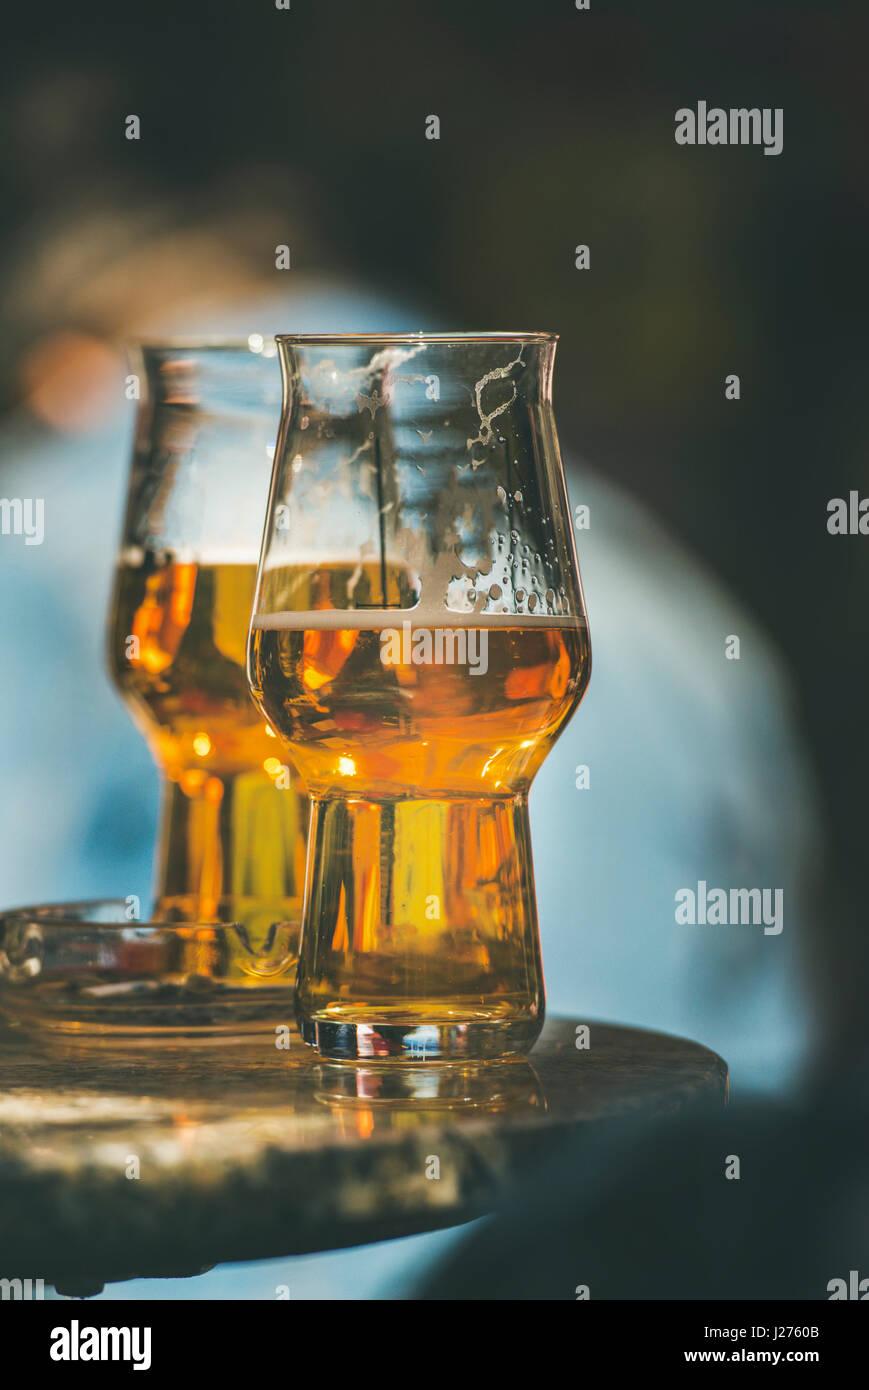 Zwei Gläser Bier auf einem Tisch in einem Straßencafé, Tiefenschärfe, vertikale Zusammensetzung Stockbild